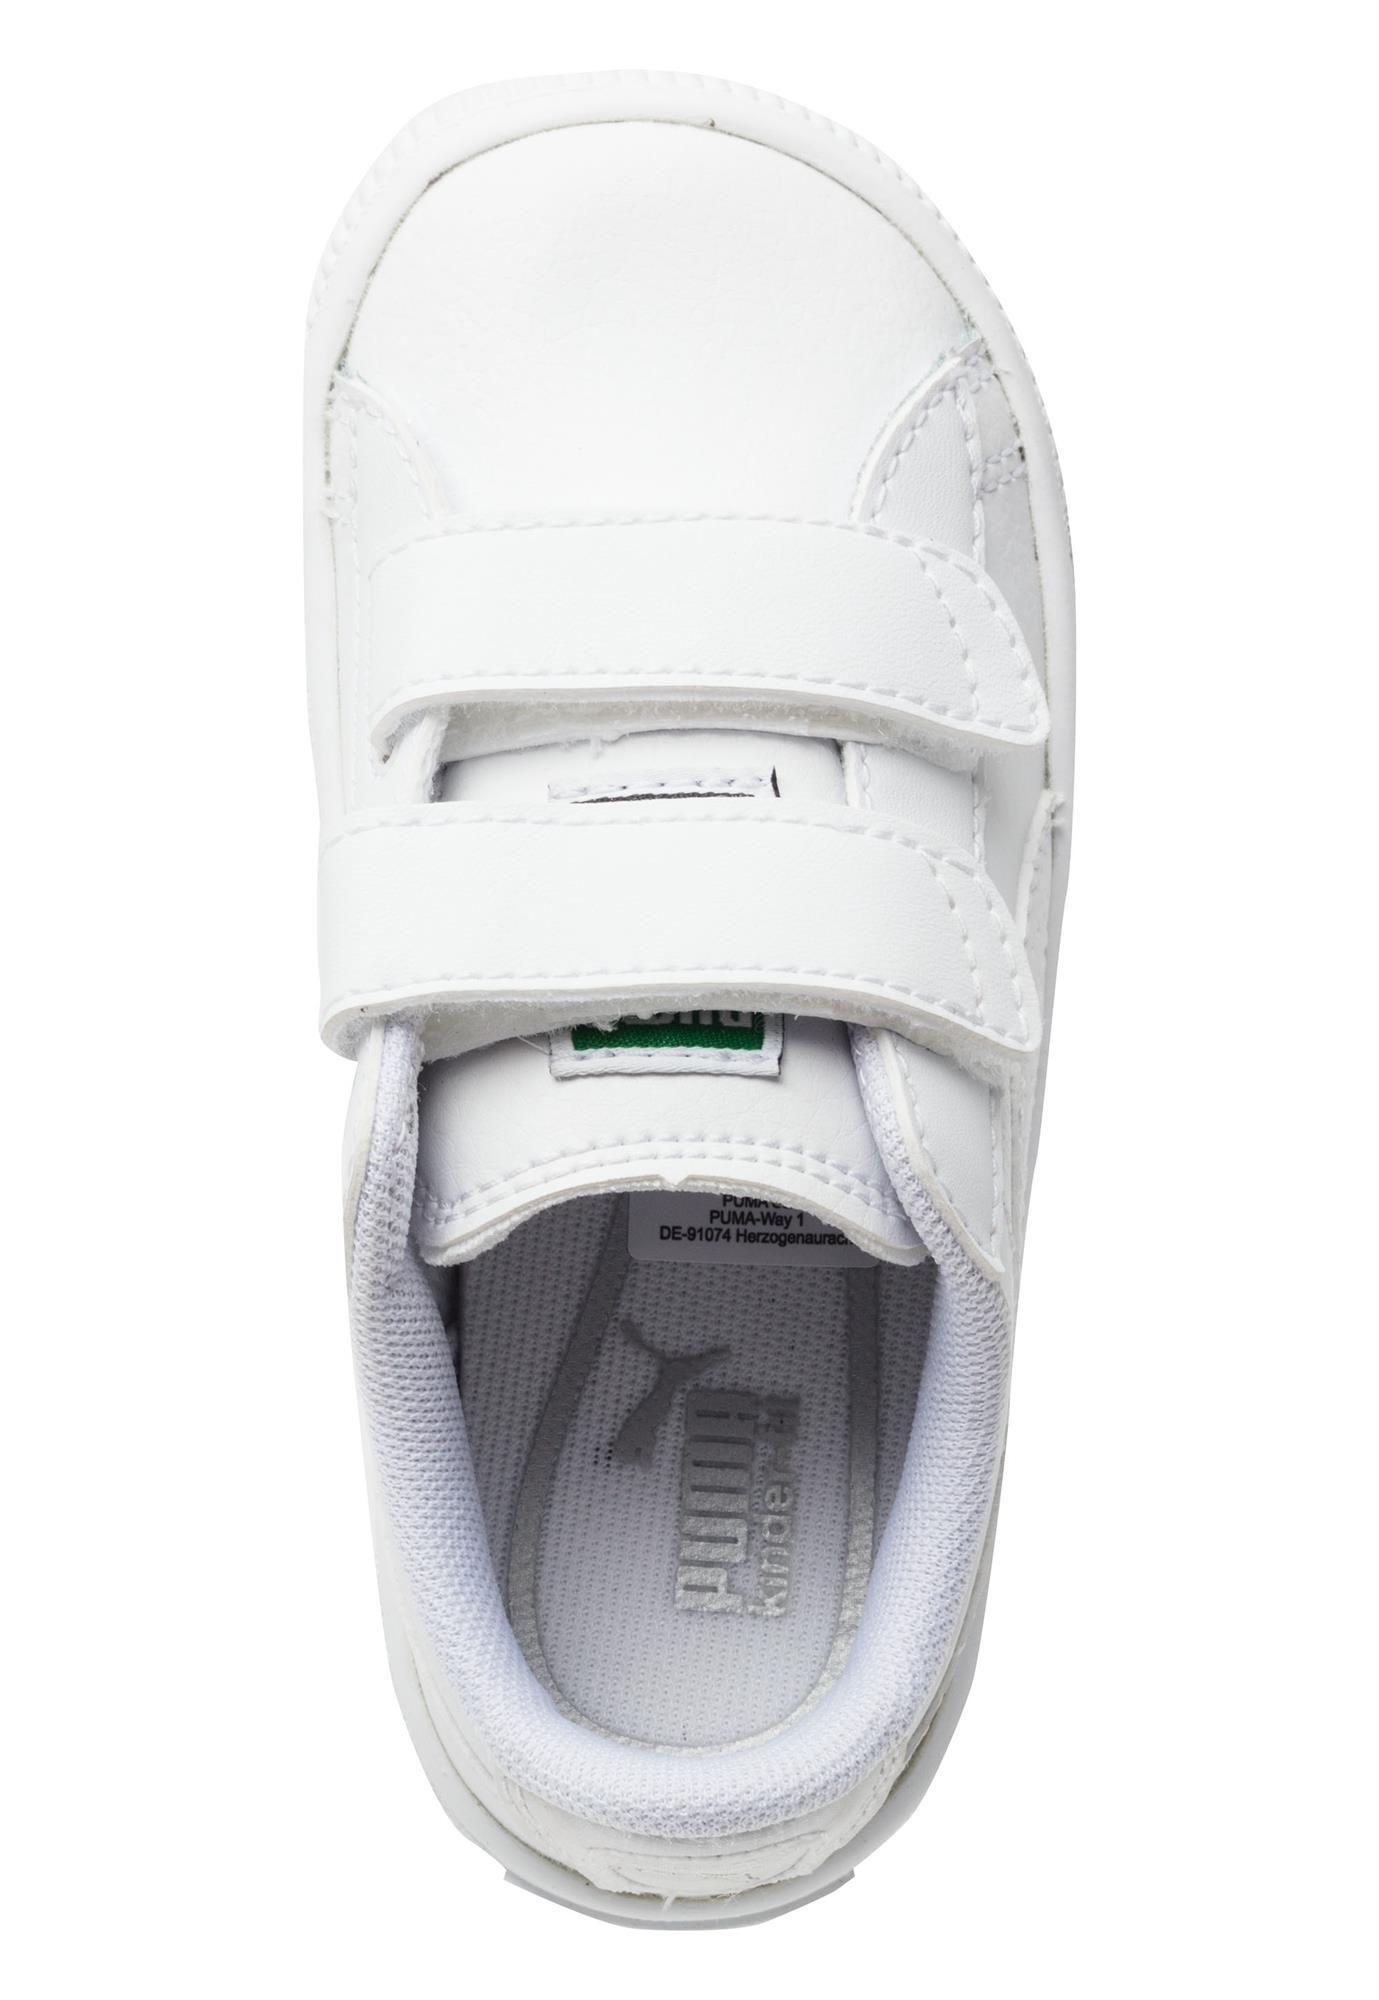 Puma Sneaker Wit   Online Kopen   Gratis verzending & Retour ...